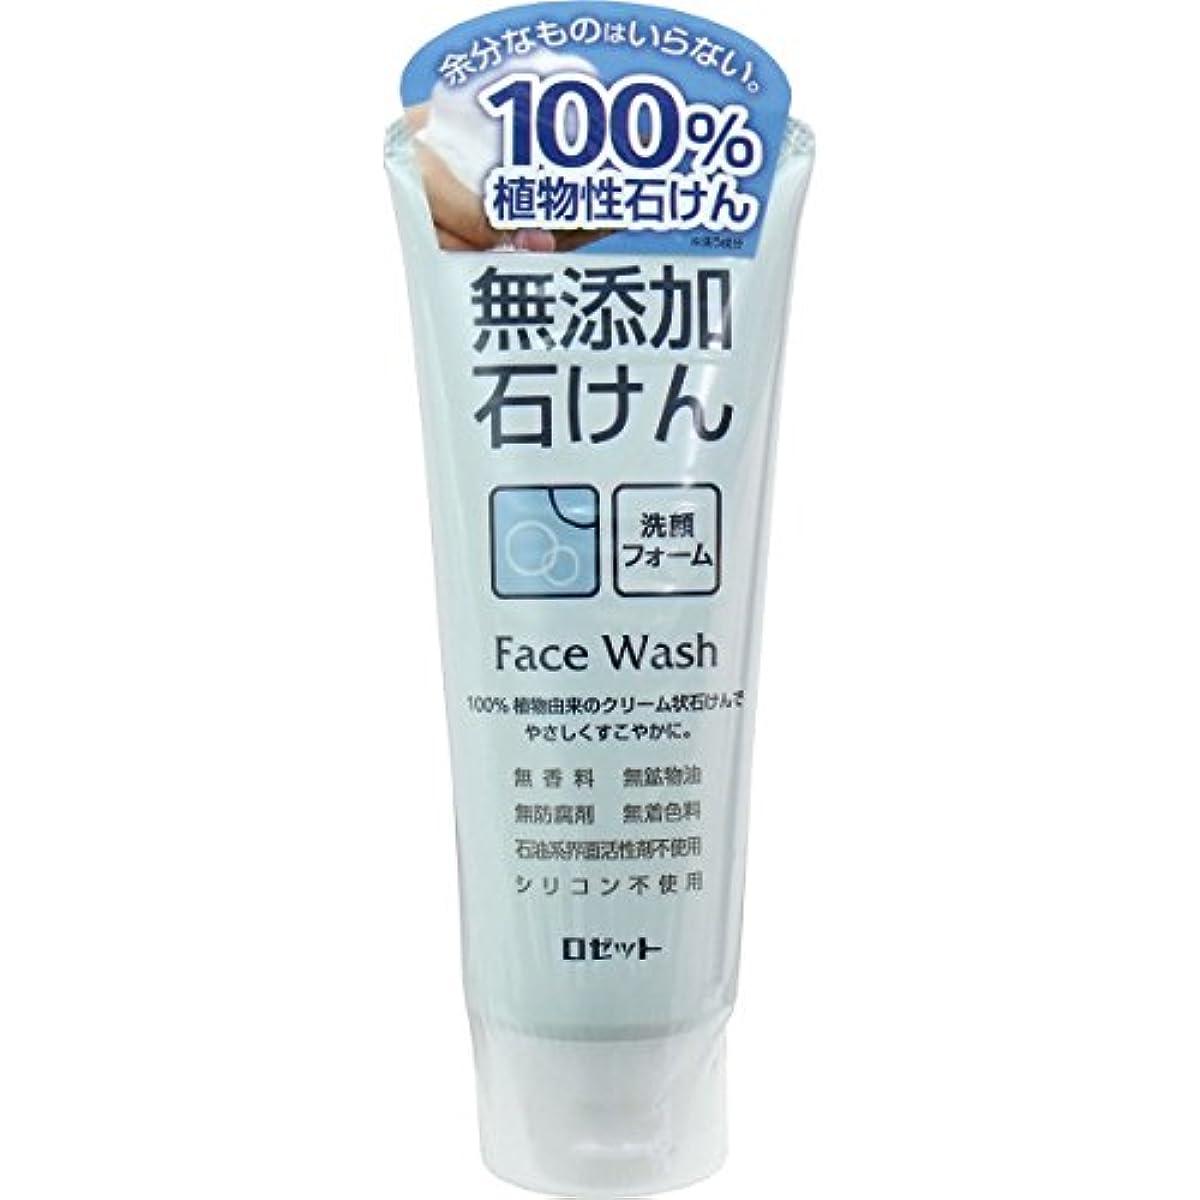 器具懲戒虚栄心【ロゼット】無添加石けん 洗顔フォーム 140g ×20個セット